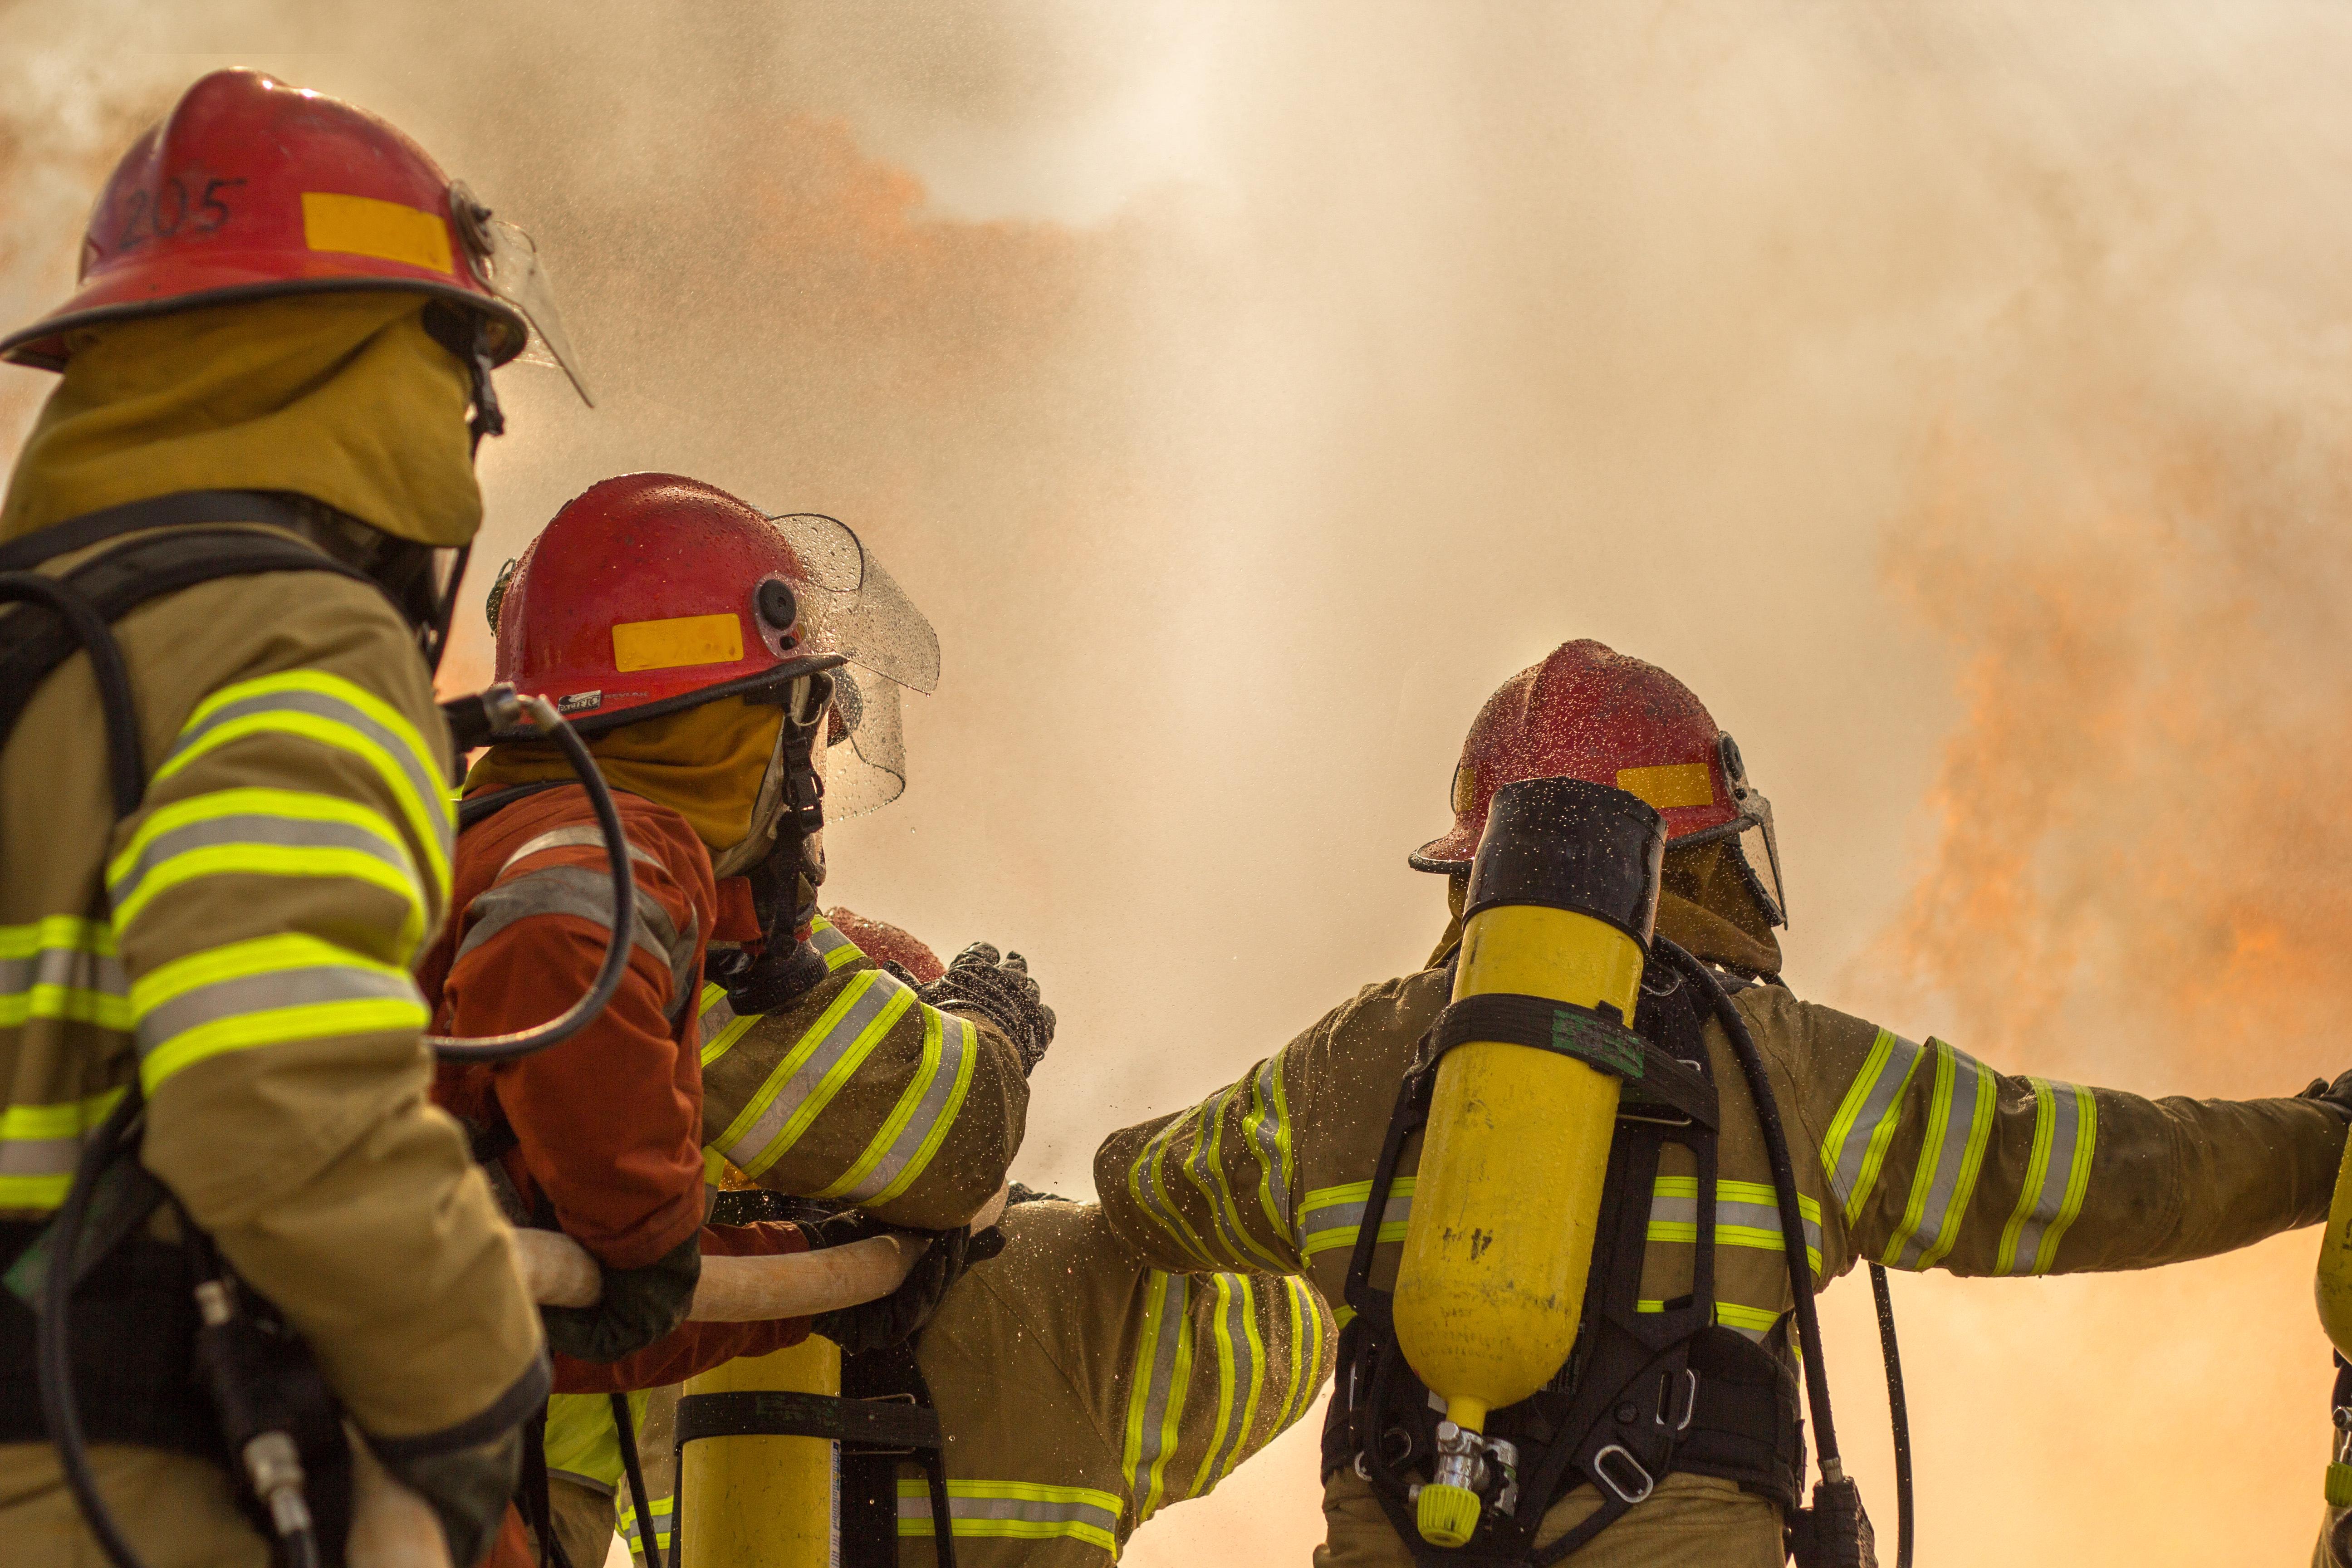 Cinci copii lăsați singuri acasă au murit, în urma unui incendiu. Mama lor a încercat să îi salveze